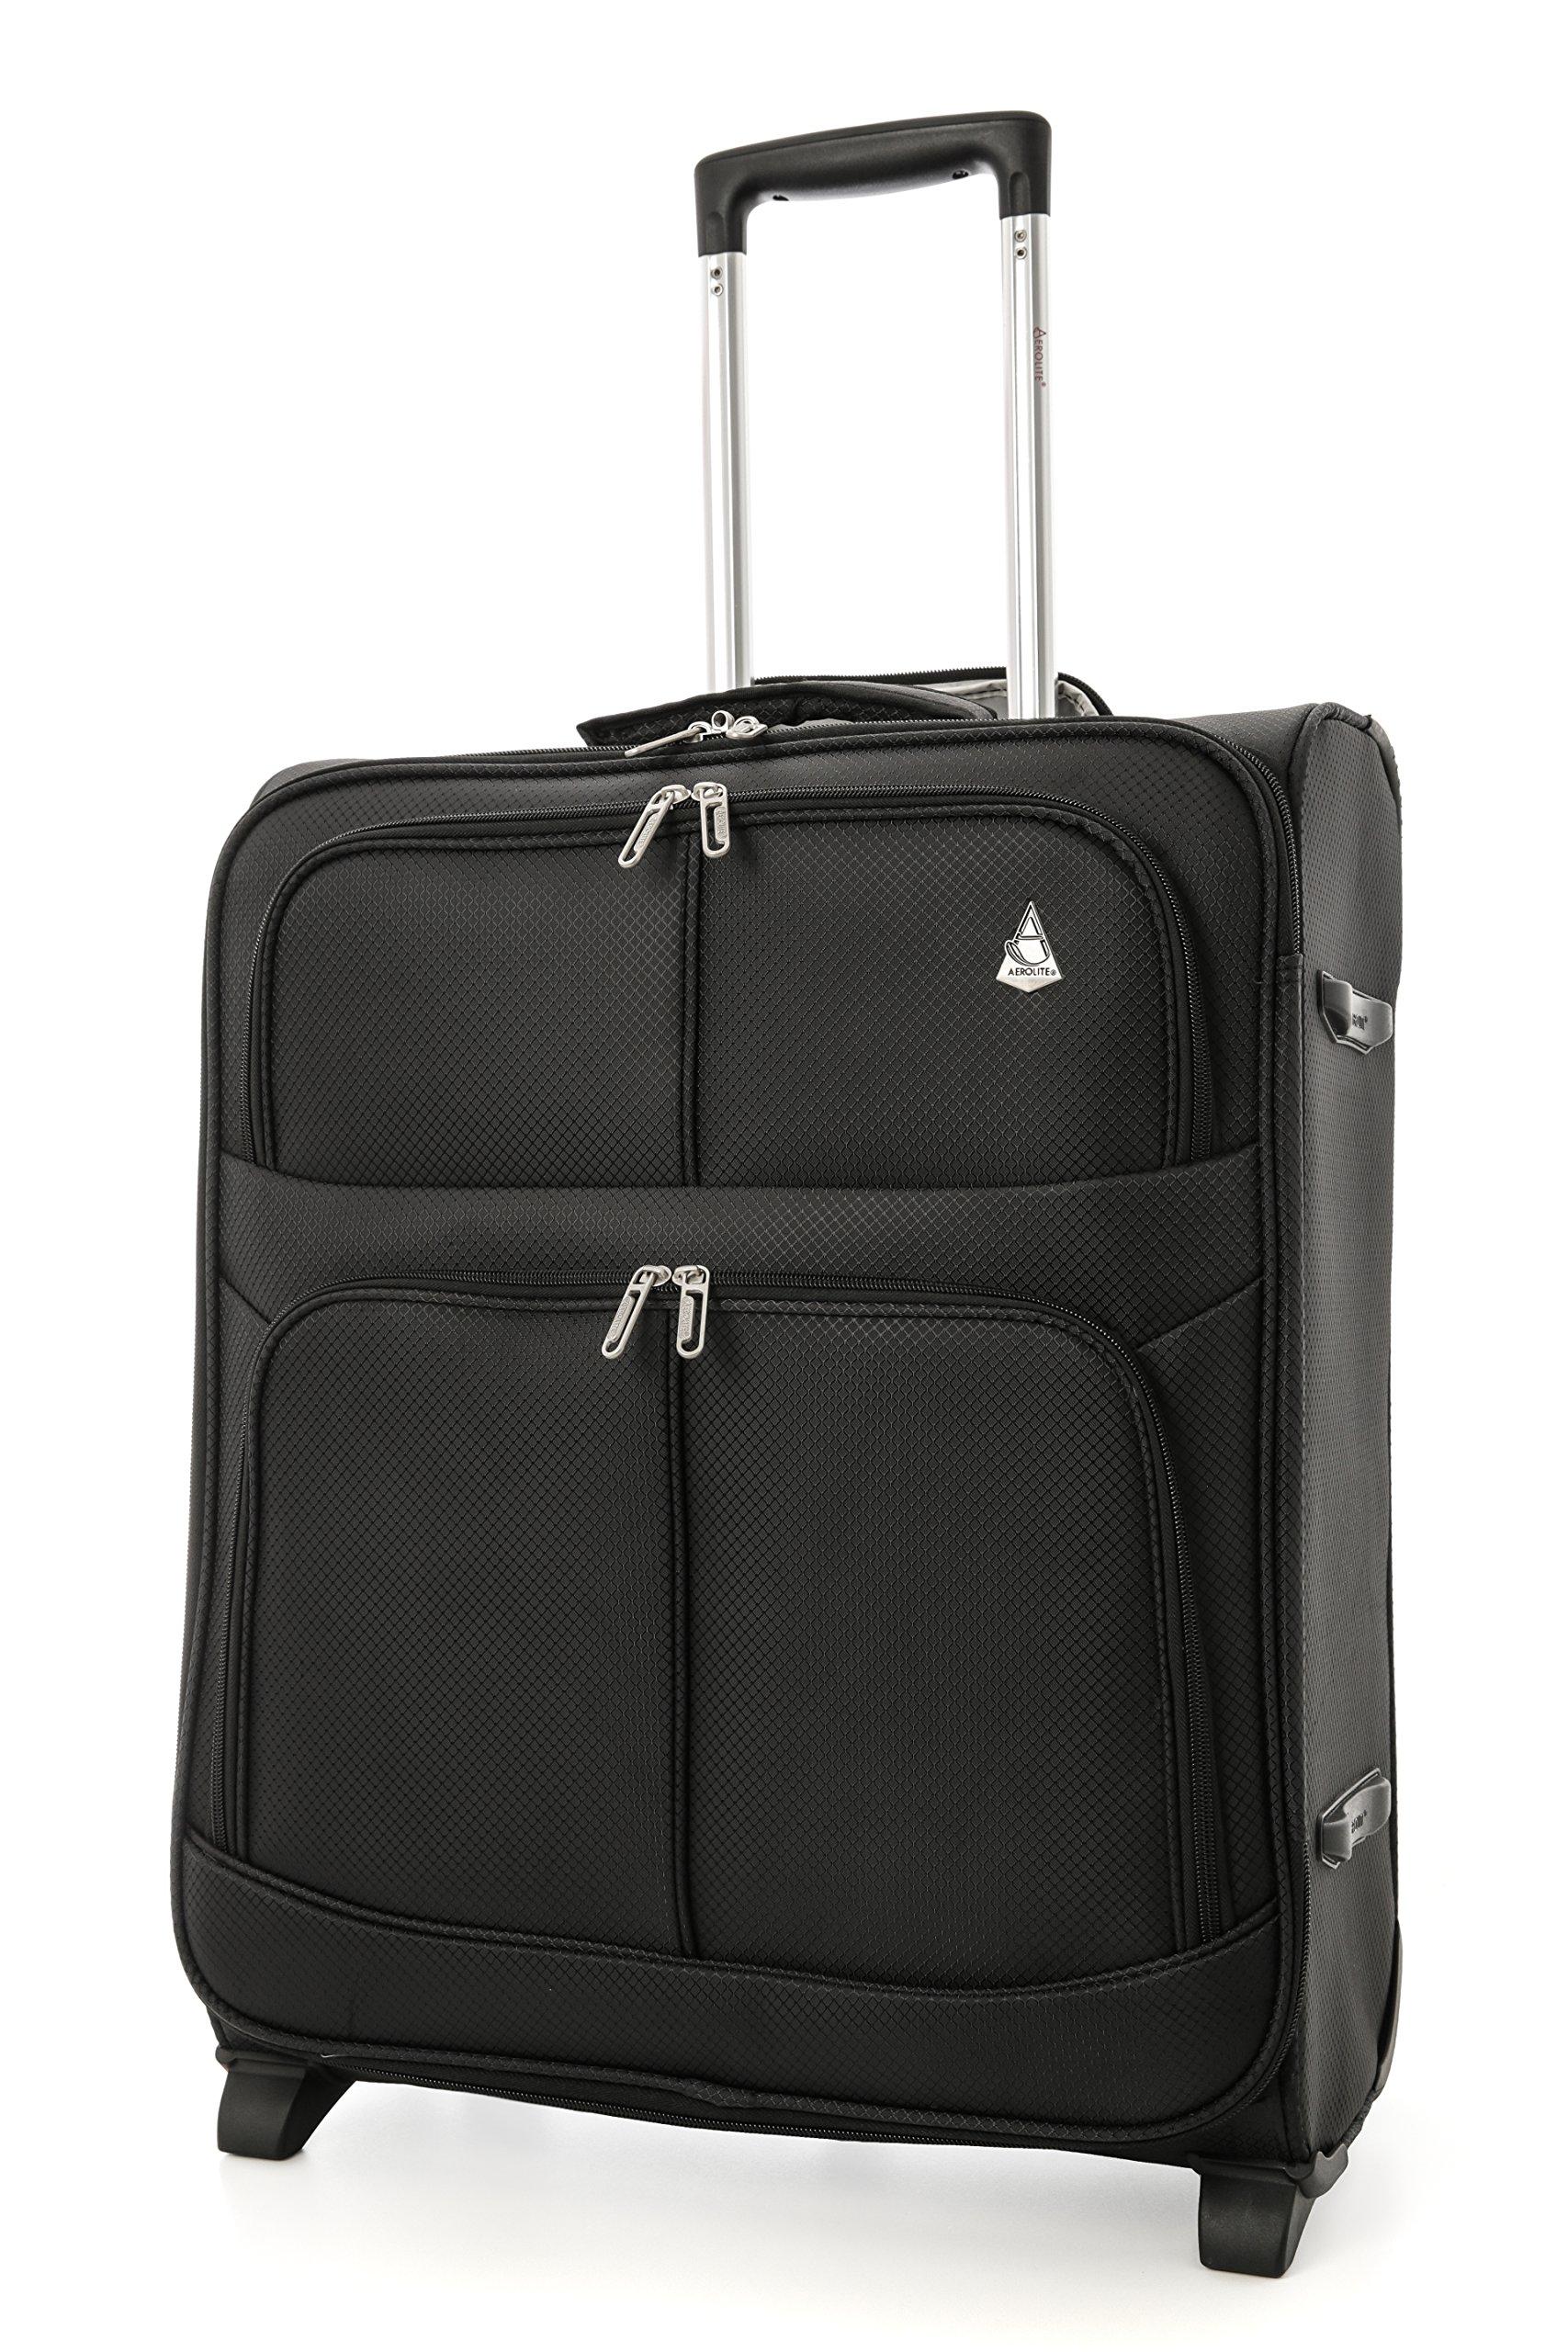 Aerolite-56x45x25-easyJetBritish-Airways-Jet2-Wizz-Air-Hchstbetrag-2-Rollen-60L-Leichtgewicht-Handgepck-Trolley-Koffer-Bordgepck-Kabinentrolley-Reisekoffer-Gepck-Schwarz